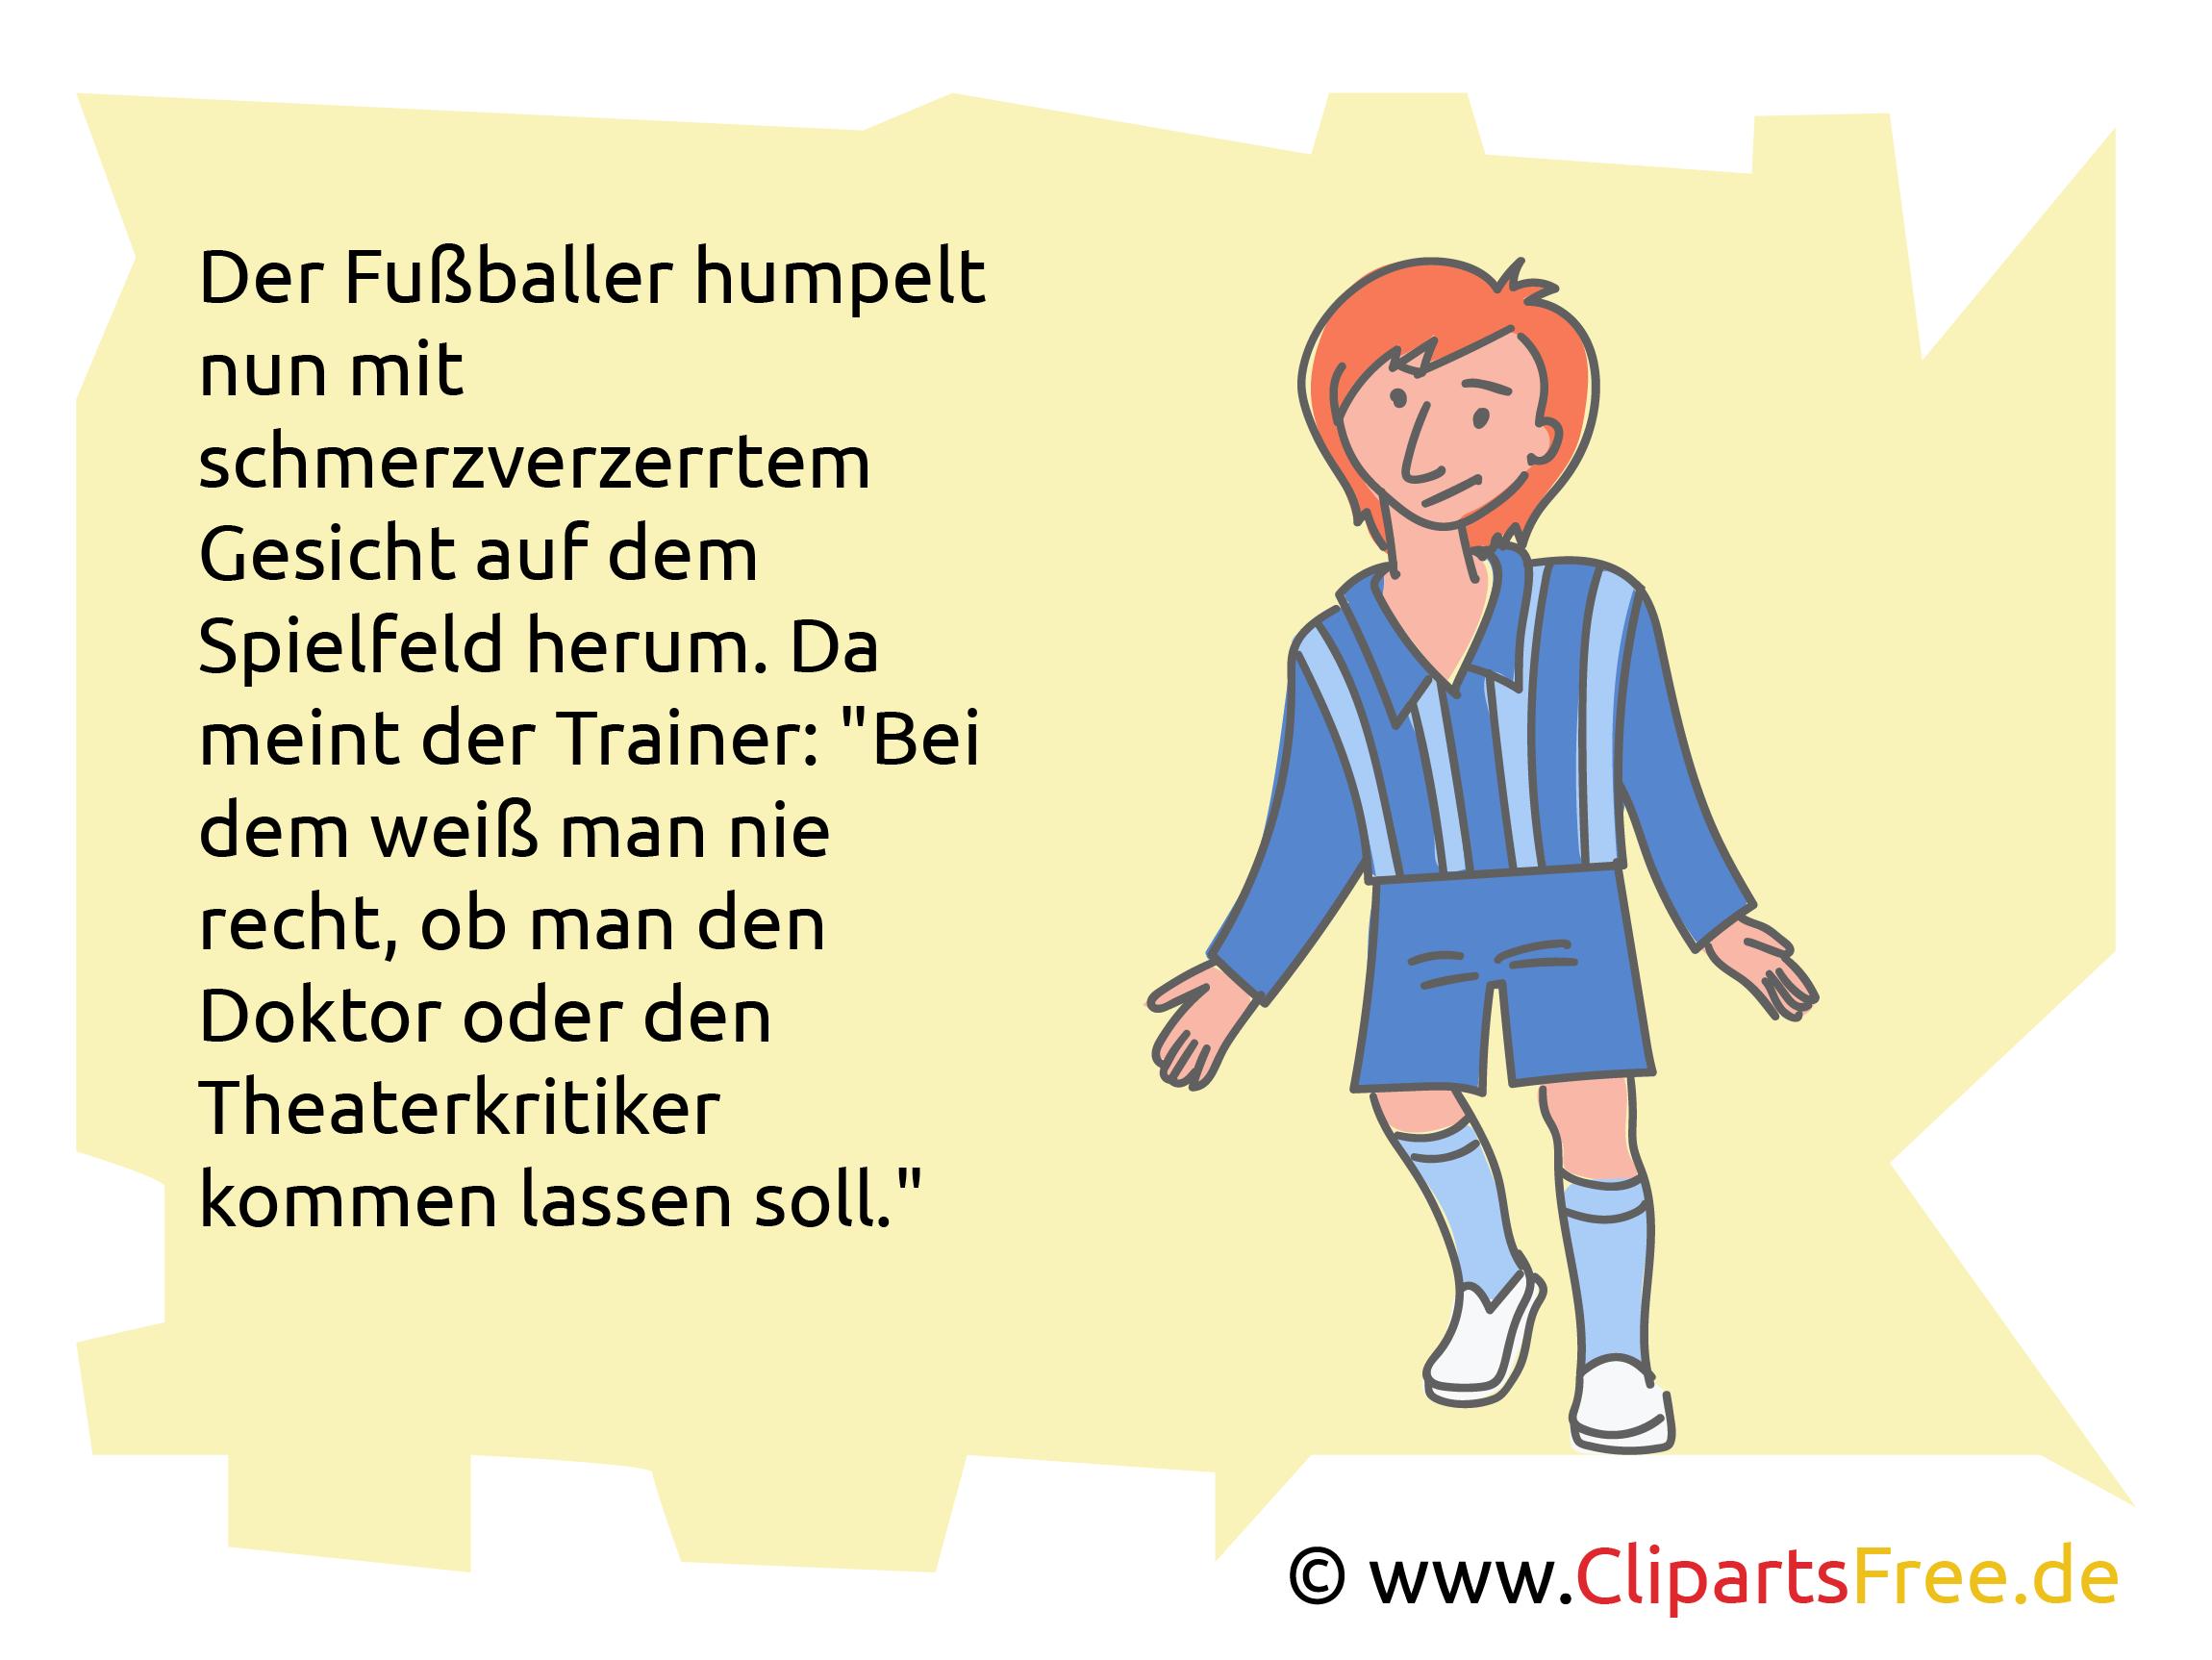 Fußballwitze und Sprüche